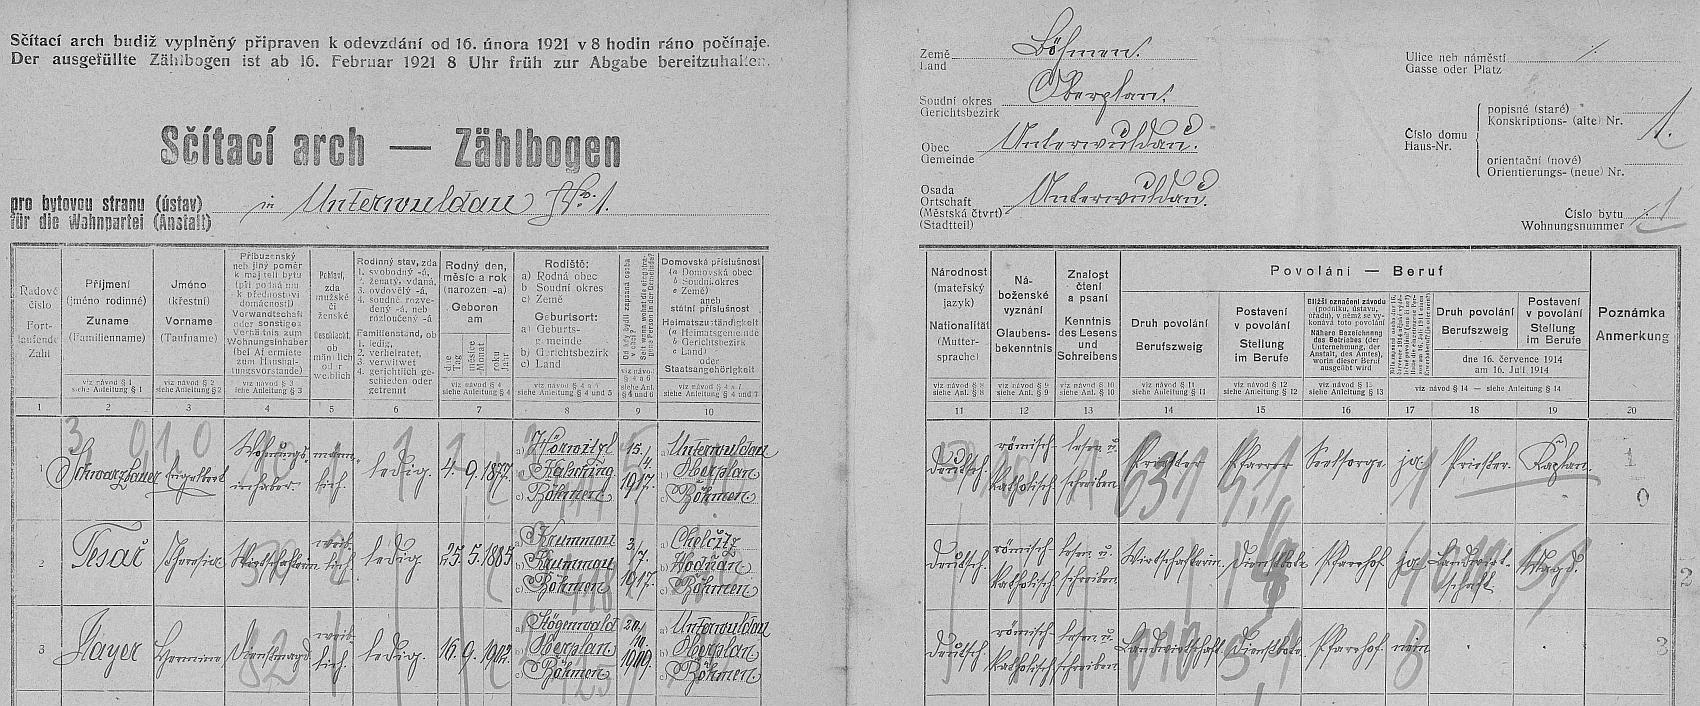 Arch sčítání lidu z roku 1921 pro dům čp. 1 v Dolní Vltavici, kde tehdy působil jako farář a bydlel tu s hospodyní Tesařovou i služkou Mayerovou, všichni uvedeni s mateřskou řečí (národností) německou